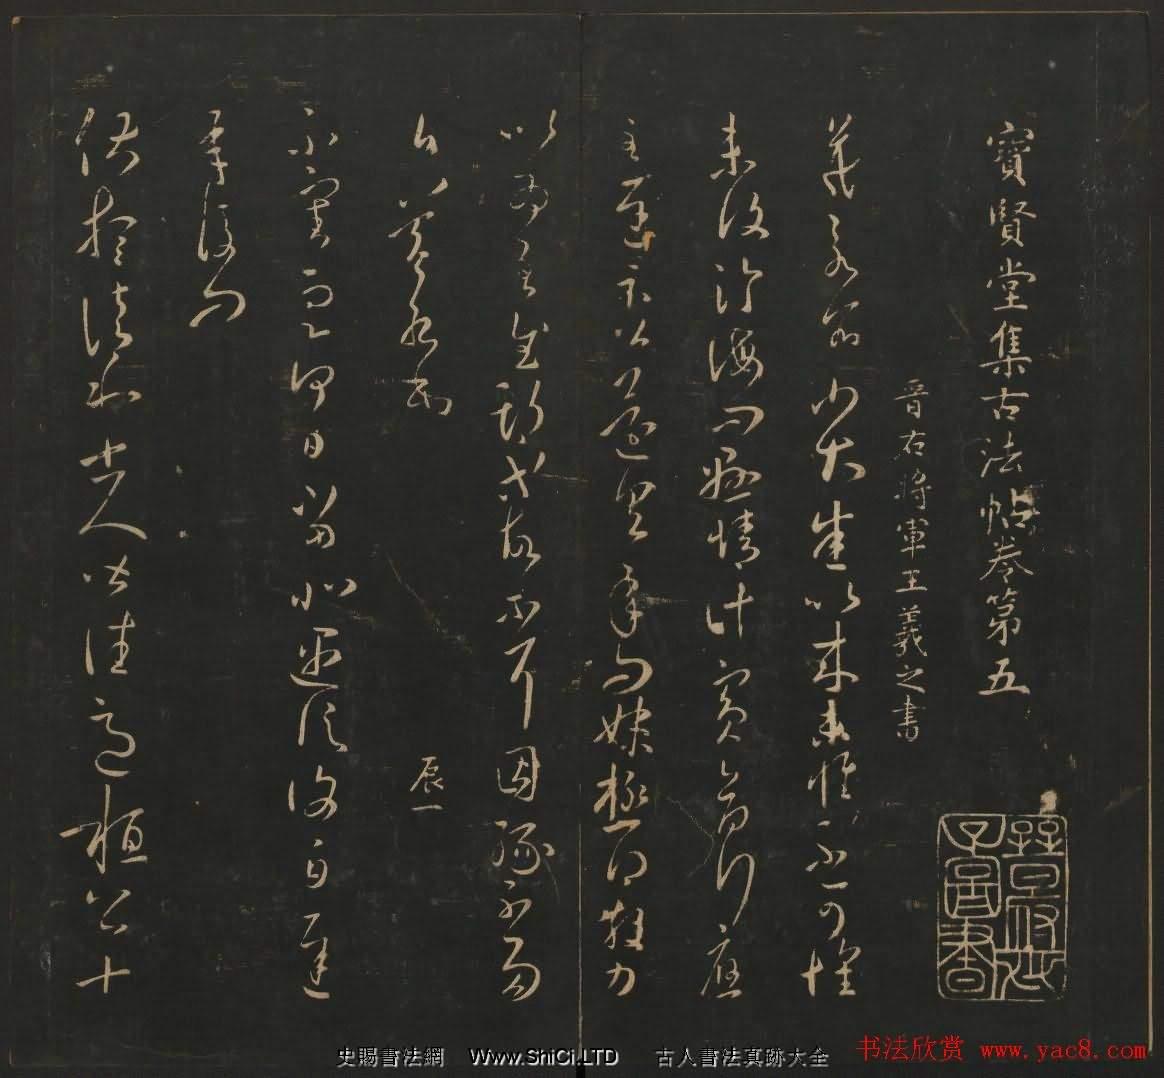 王羲之法帖欣賞《寶賢堂集古法帖》三卷合輯